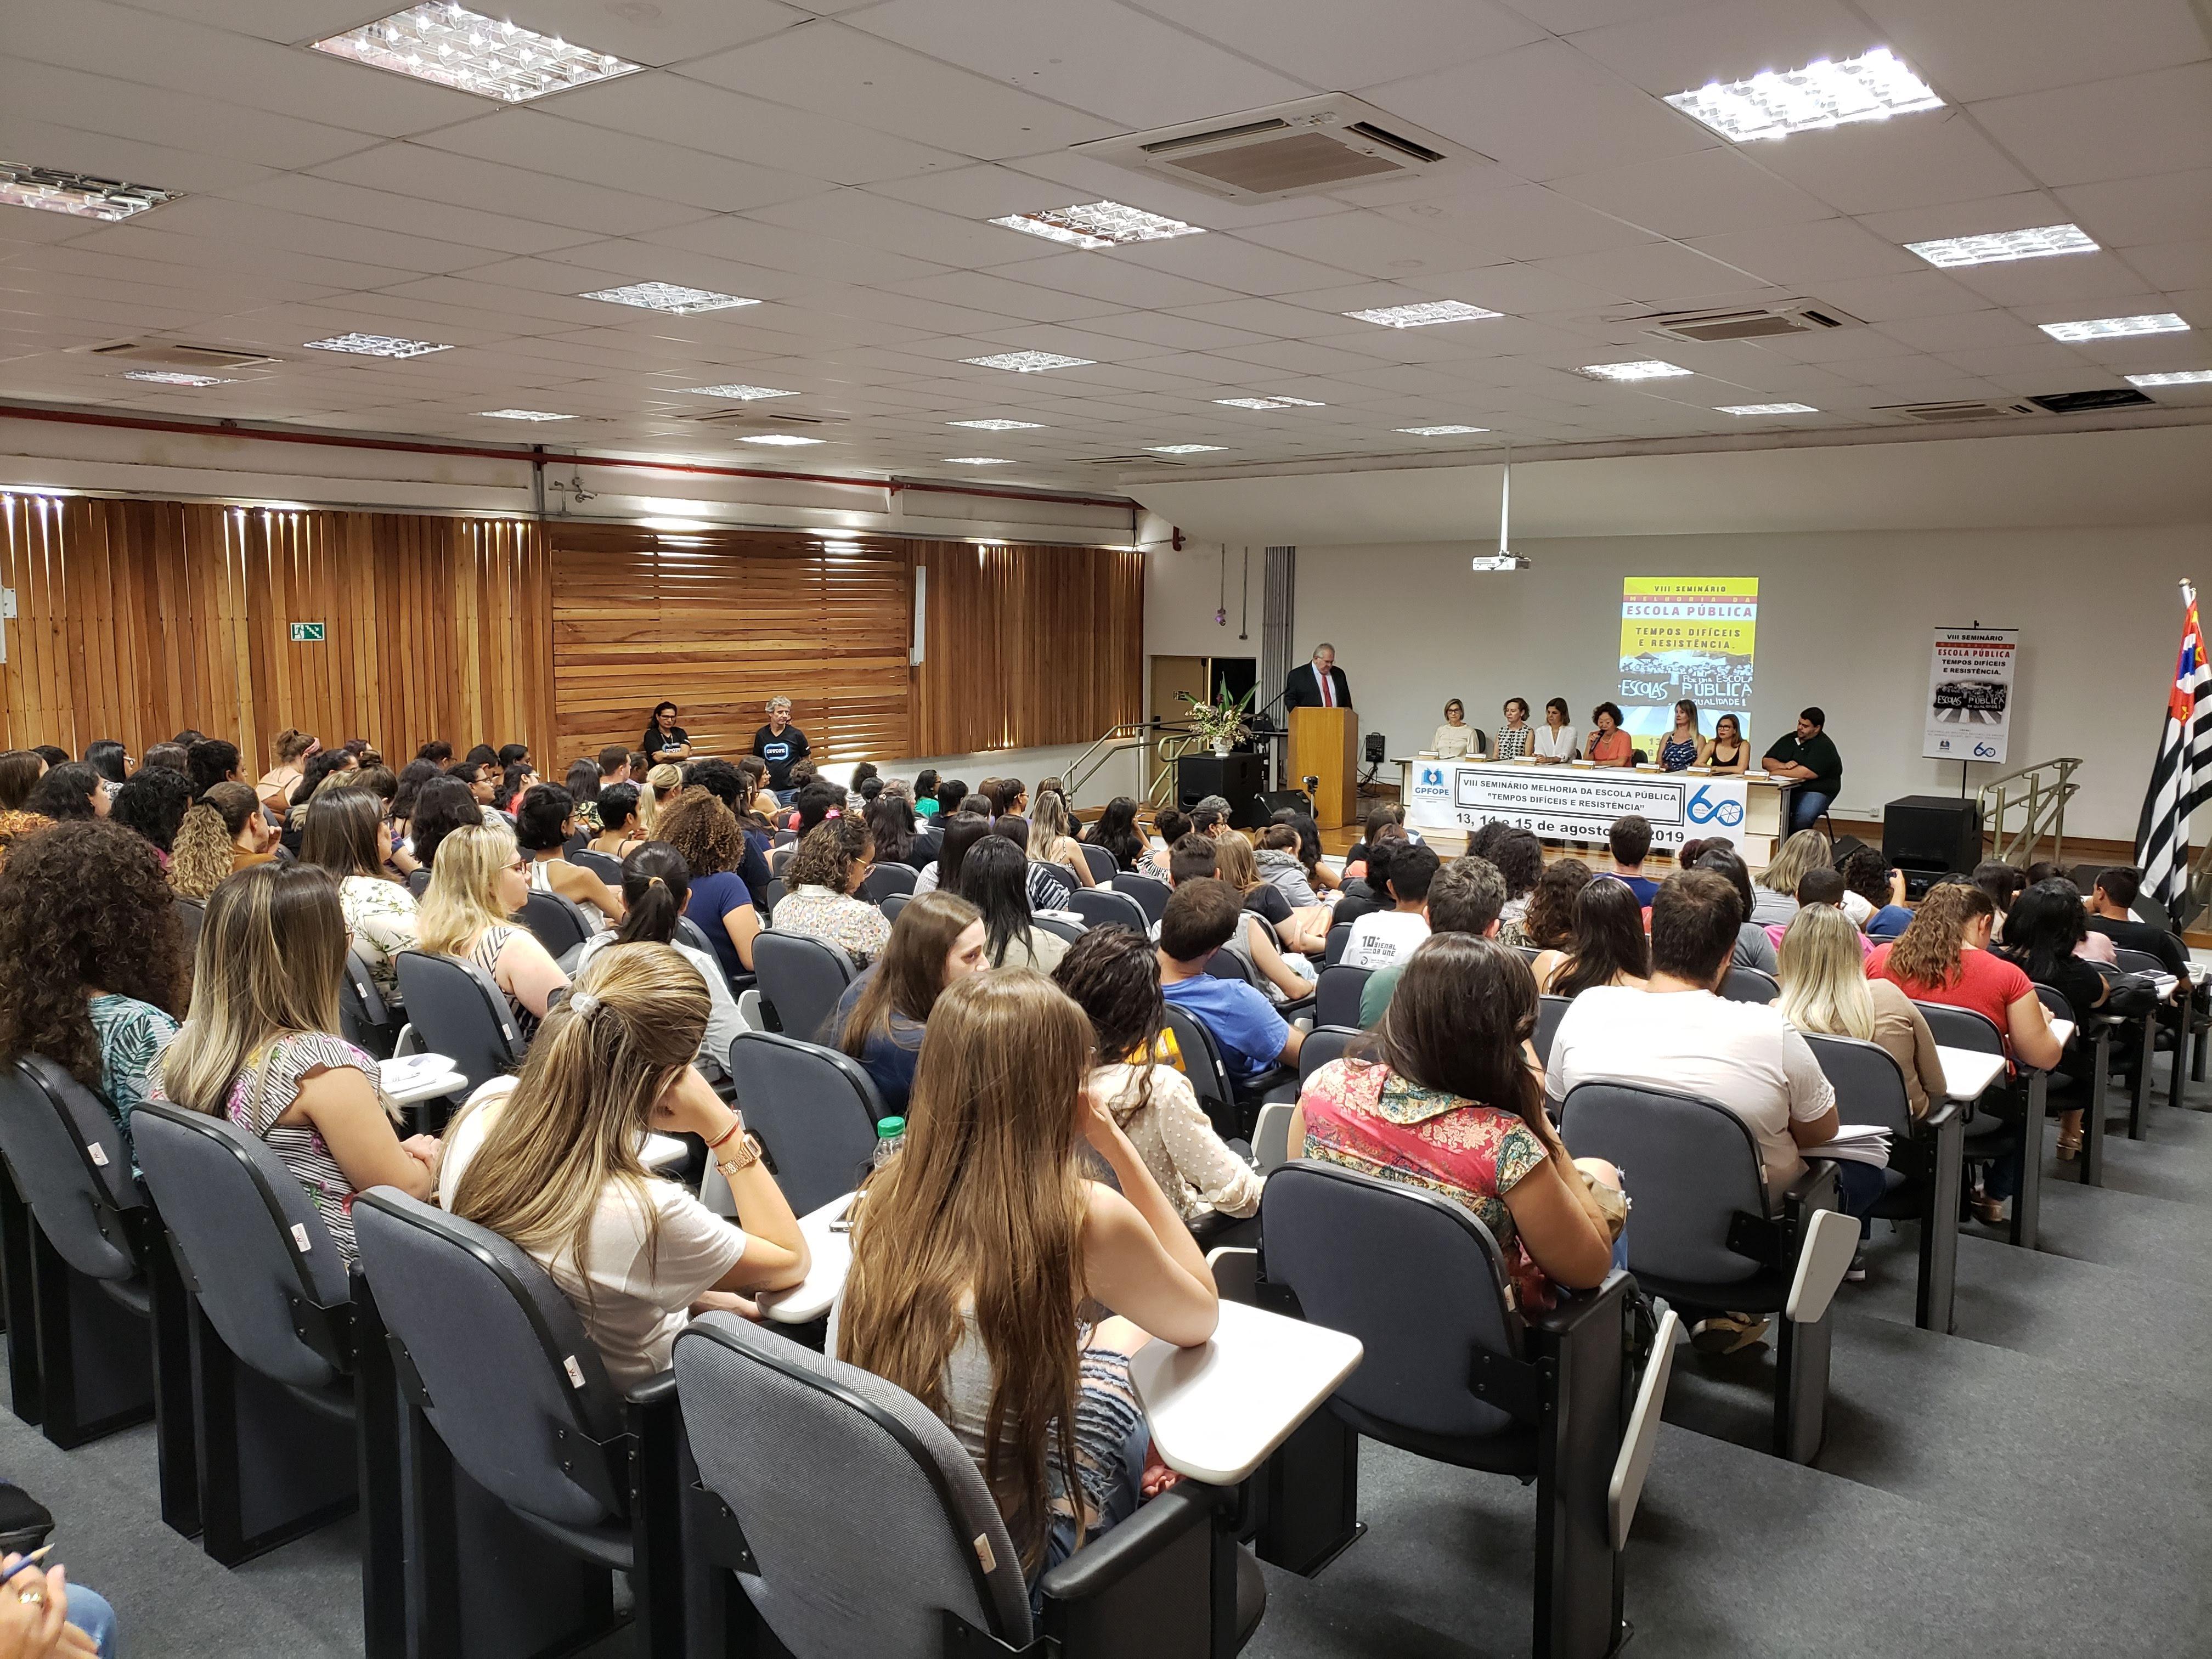 Primeira noite do Seminário Melhoria da Escola Pública conta com 225 participantes